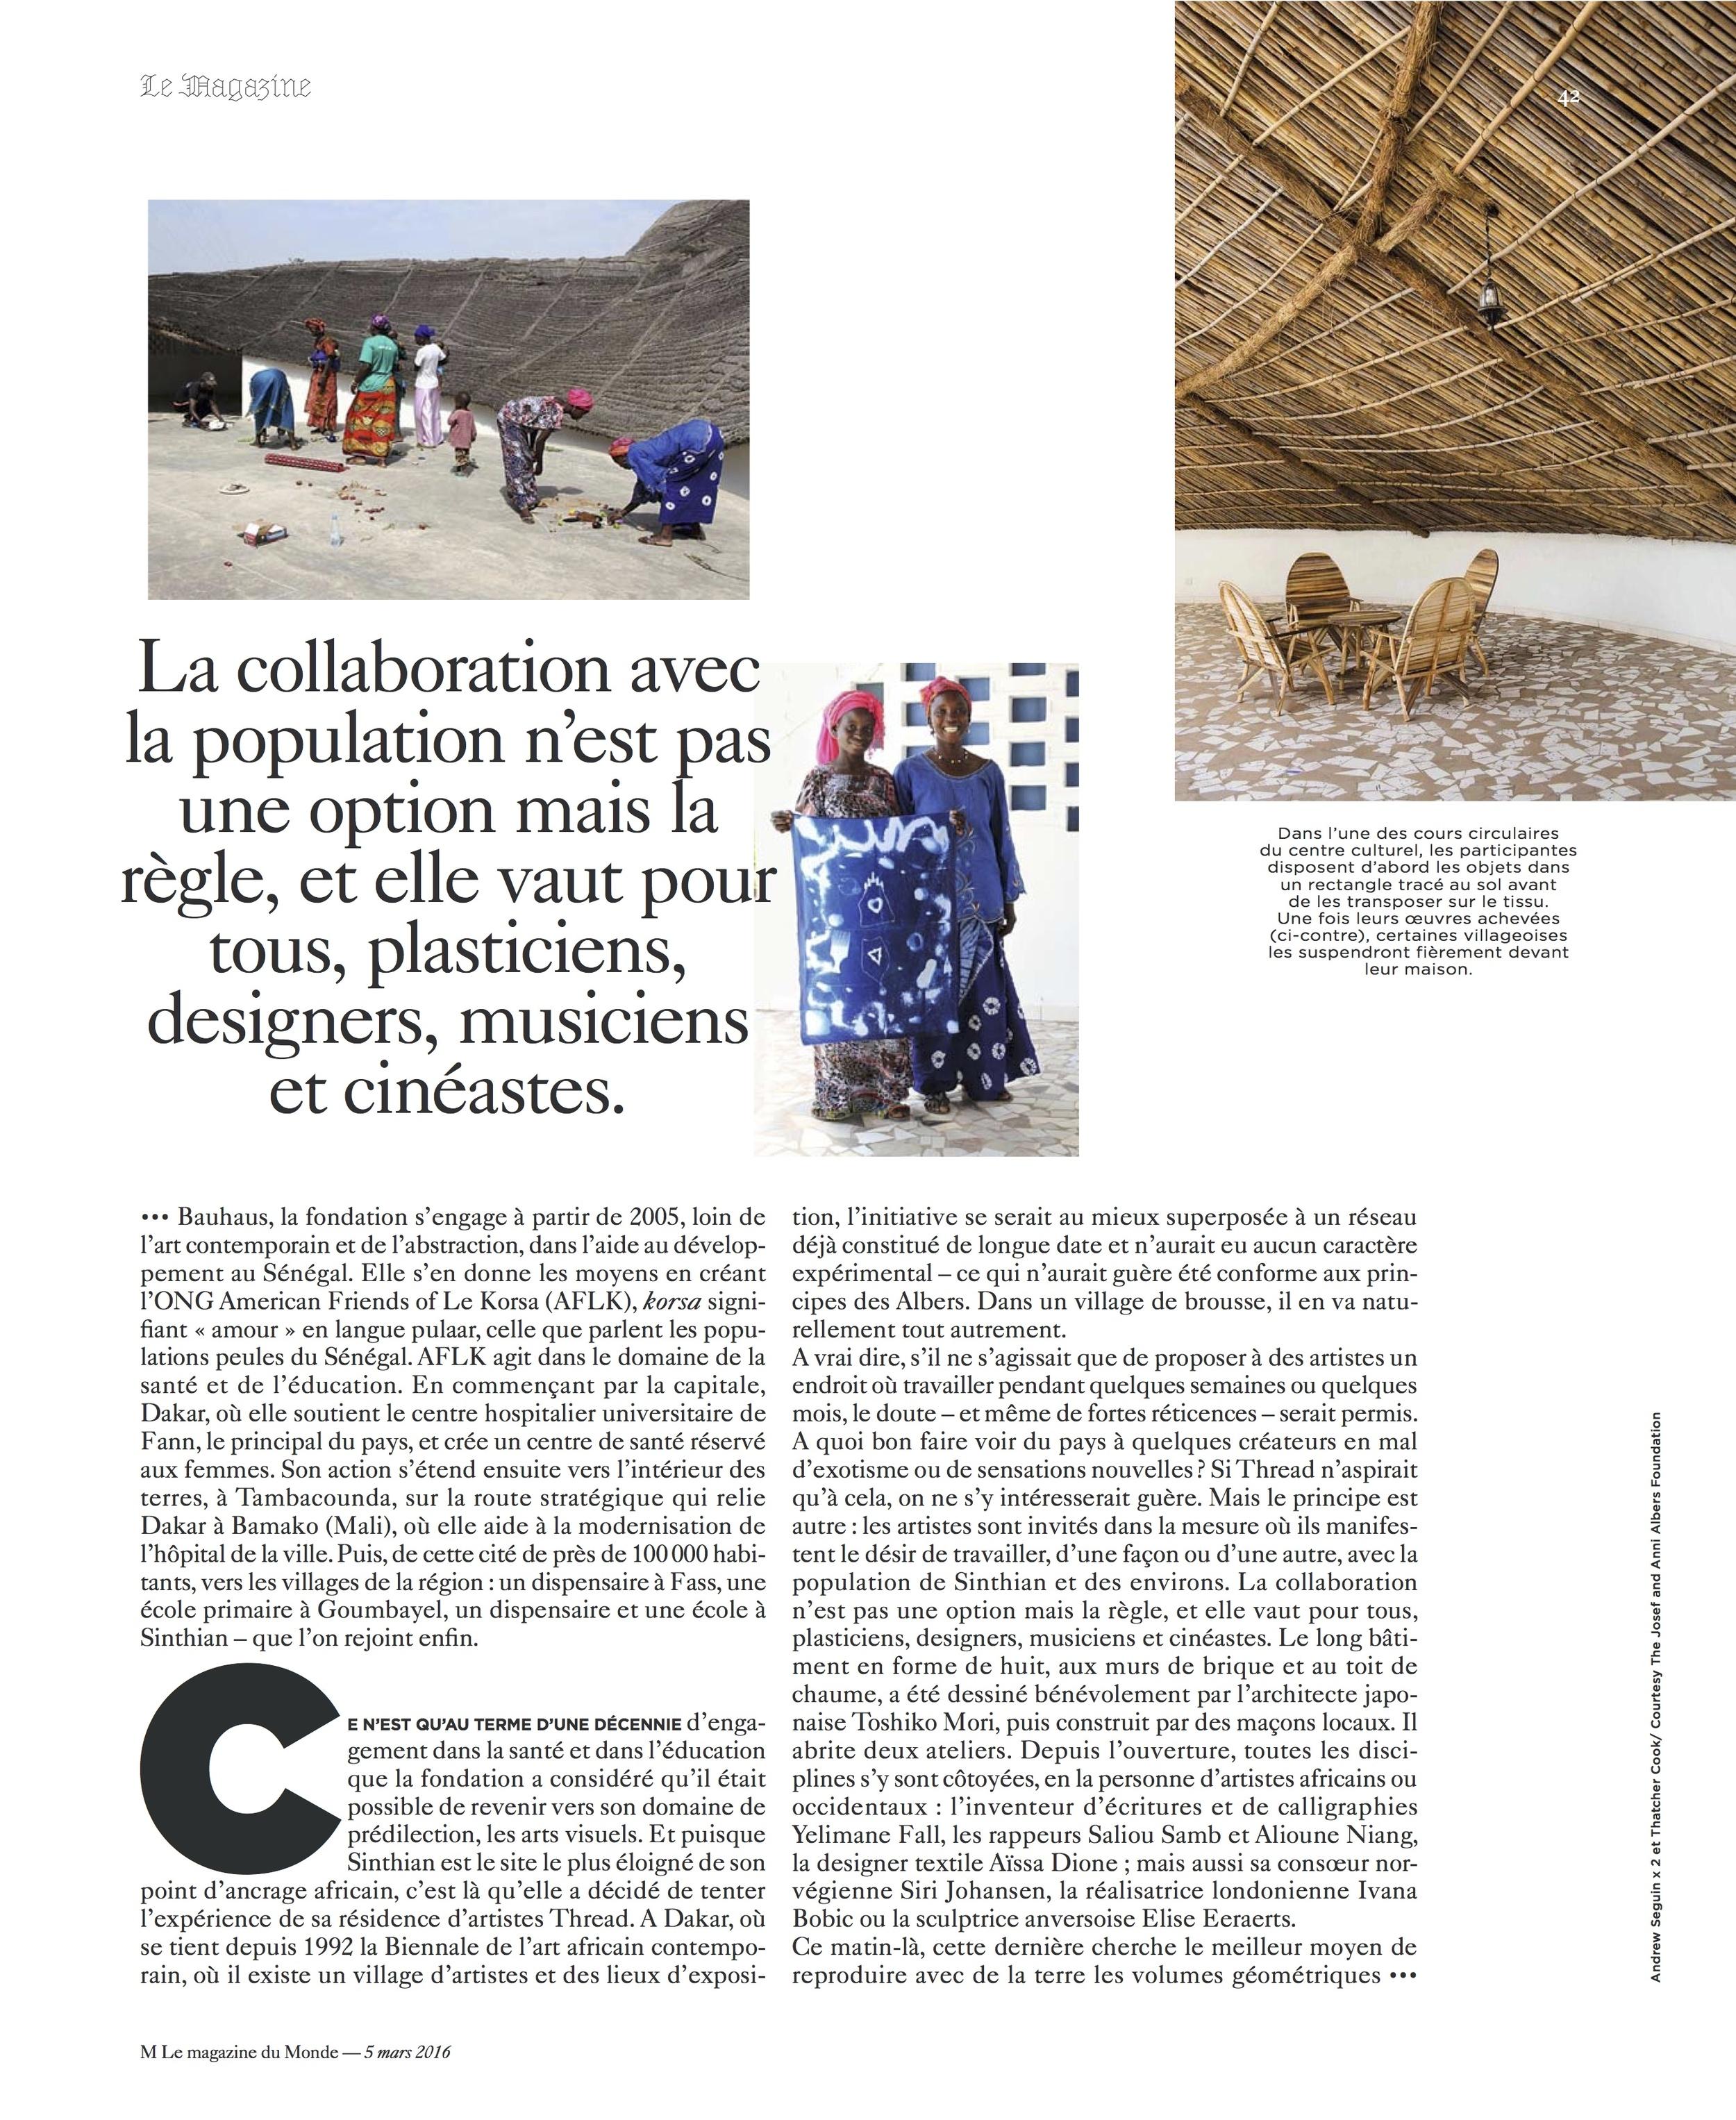 M Le Monde - Thread (3).jpg